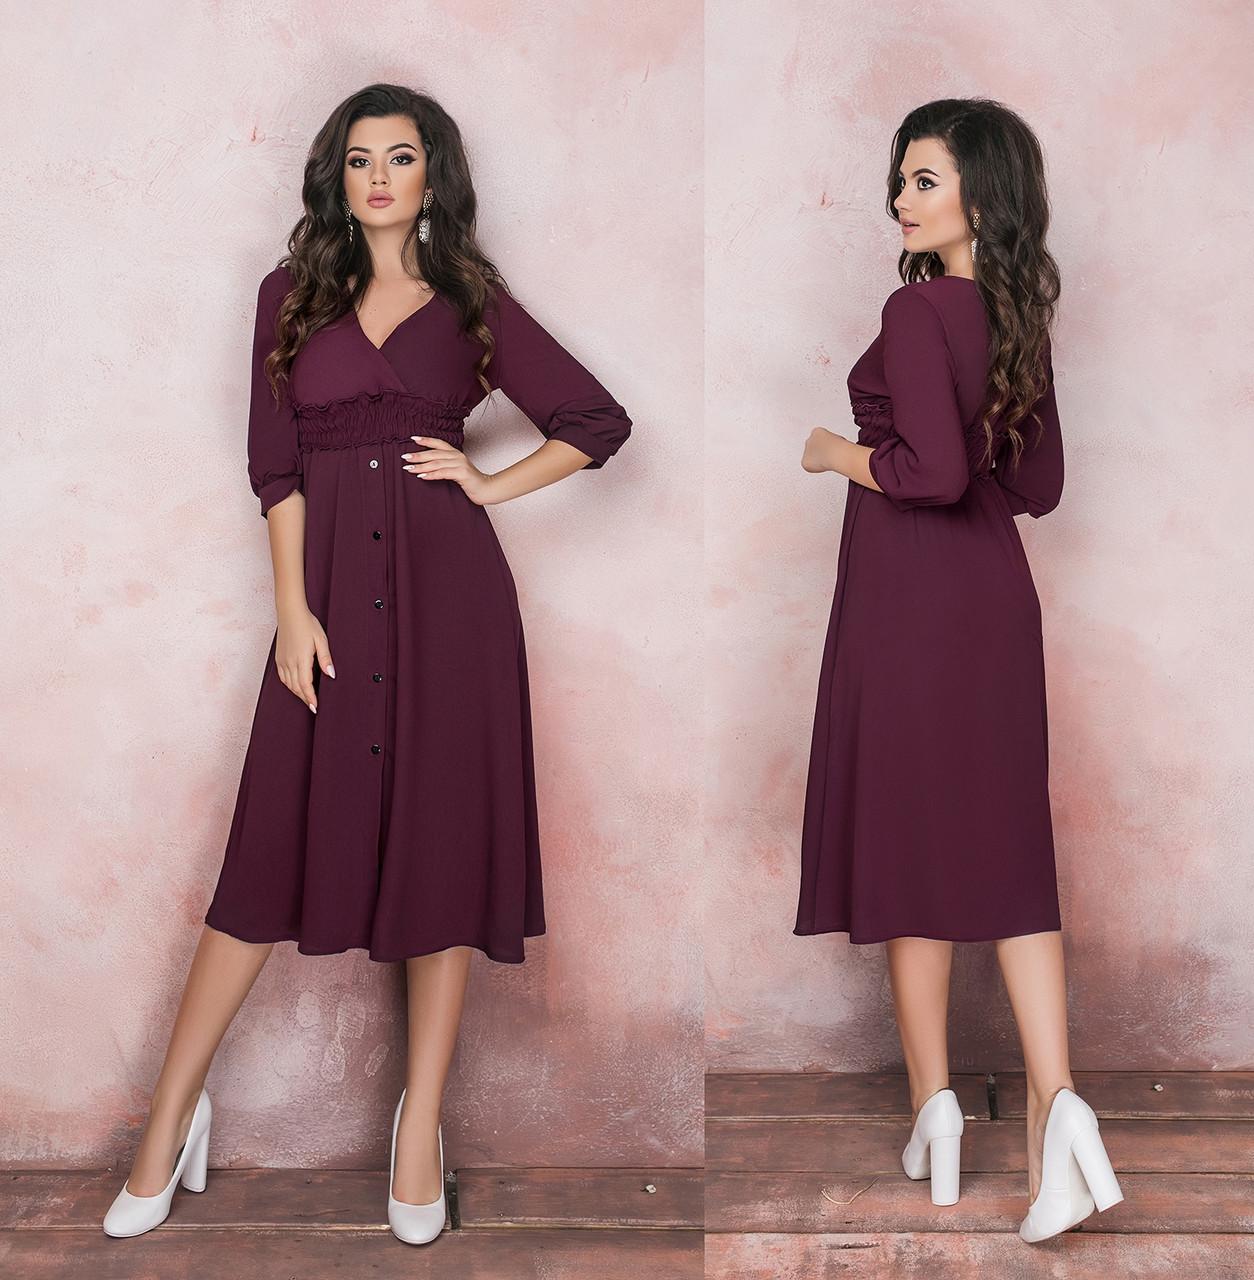 66a05796203 Женское платье с рукавом три четверти.Размеры 42-46.+Цвета  продажа ...